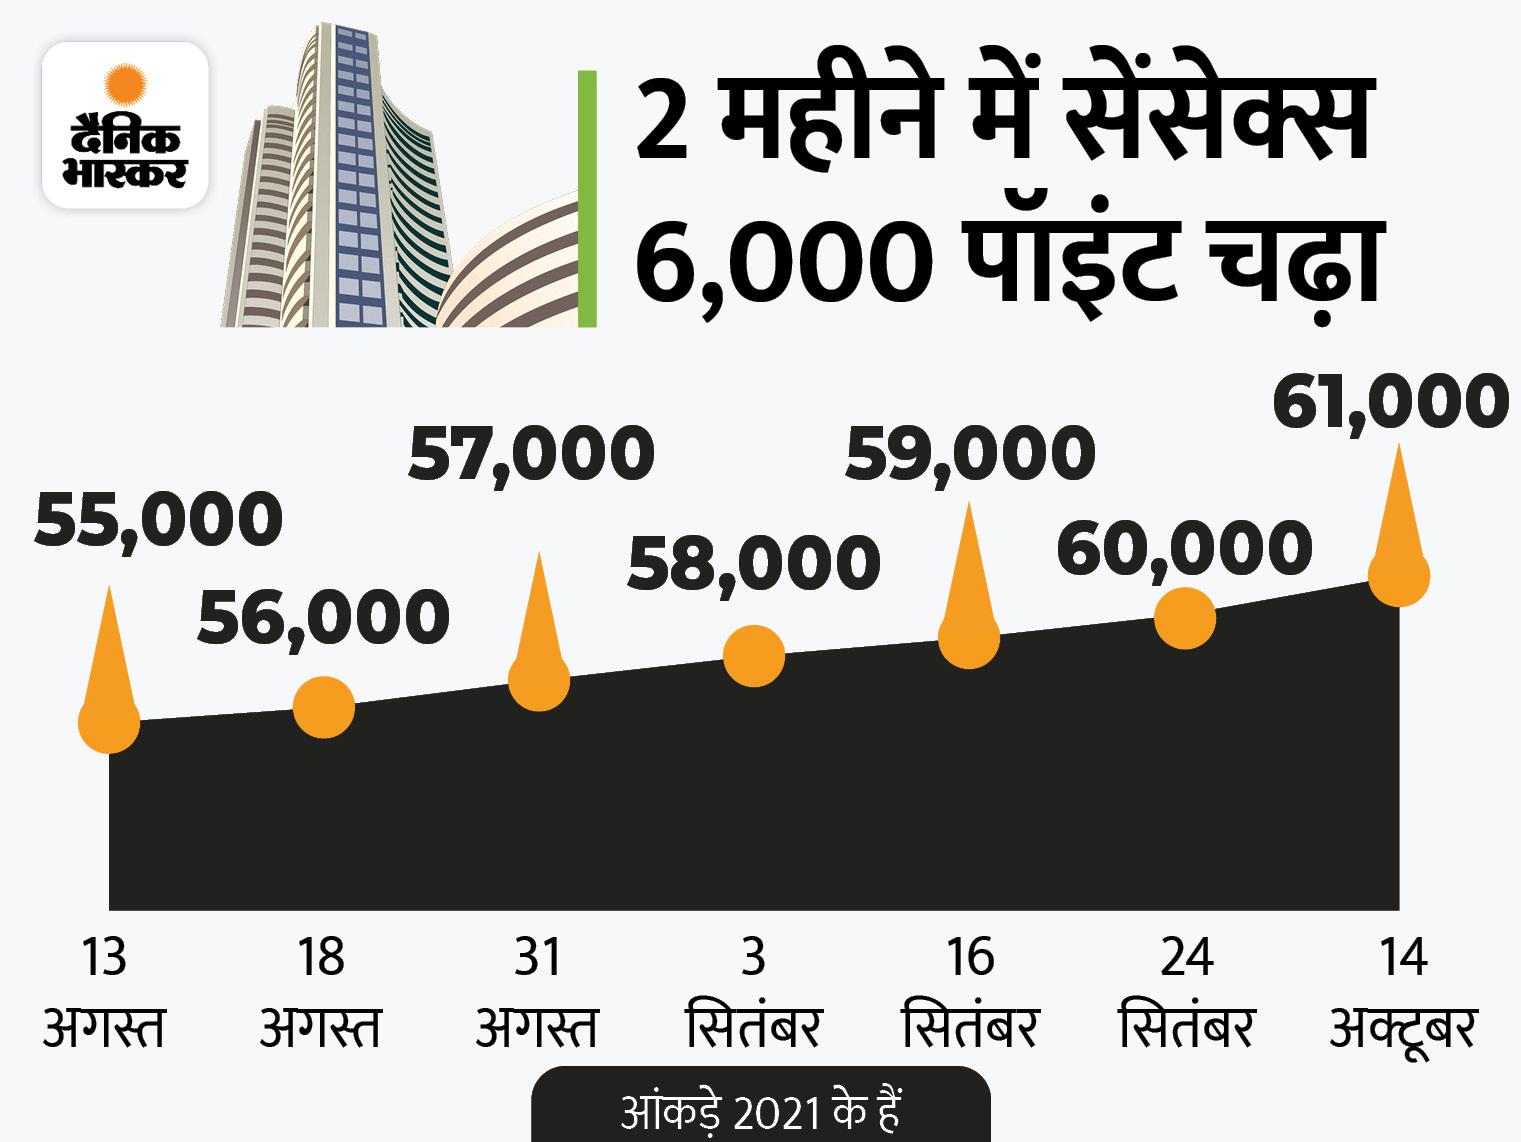 रिकॉर्ड ऊंचाई पर बाजार, पहली बार सेंसेक्स 61000 और निफ्टी 18250 के पार; सितंबर में थोक महंगाई दर 10.66% पर पहुंची|बिजनेस,Business - Dainik Bhaskar